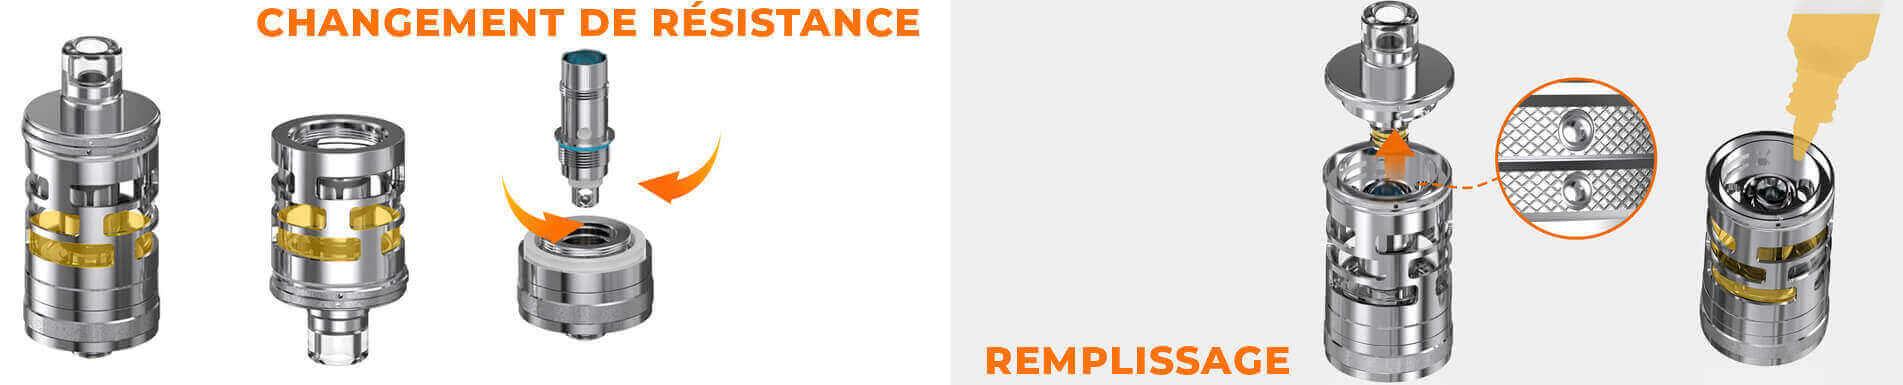 Remplissage / Changement résistance Nautilus GT Mini Aspire